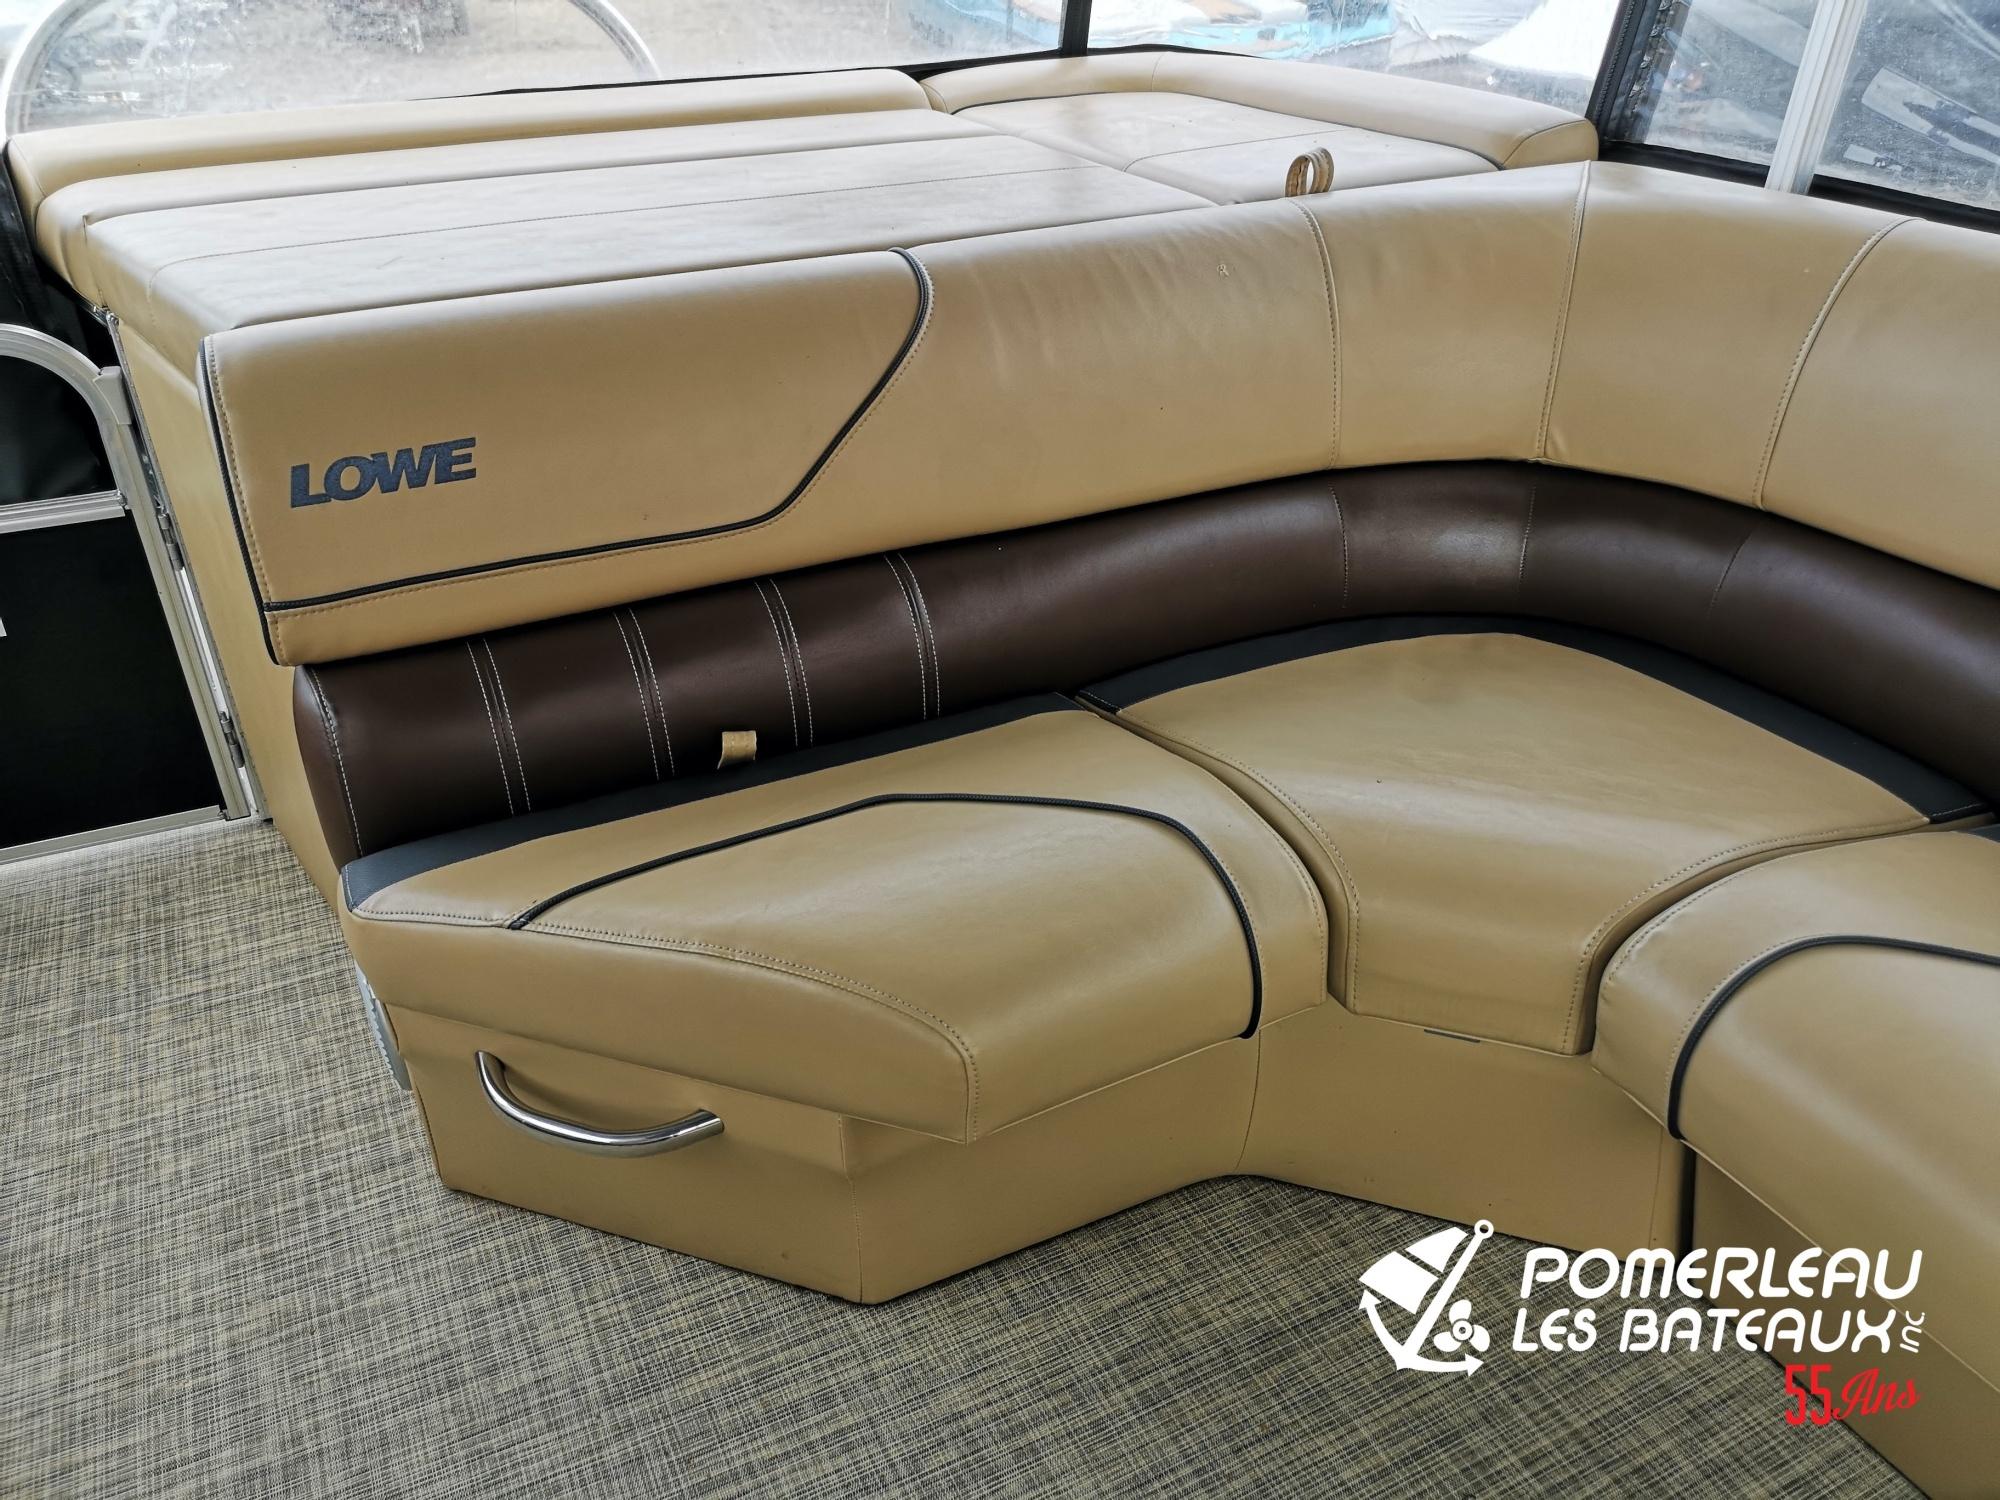 Lowe SS 210 - IMG_20210429_154841